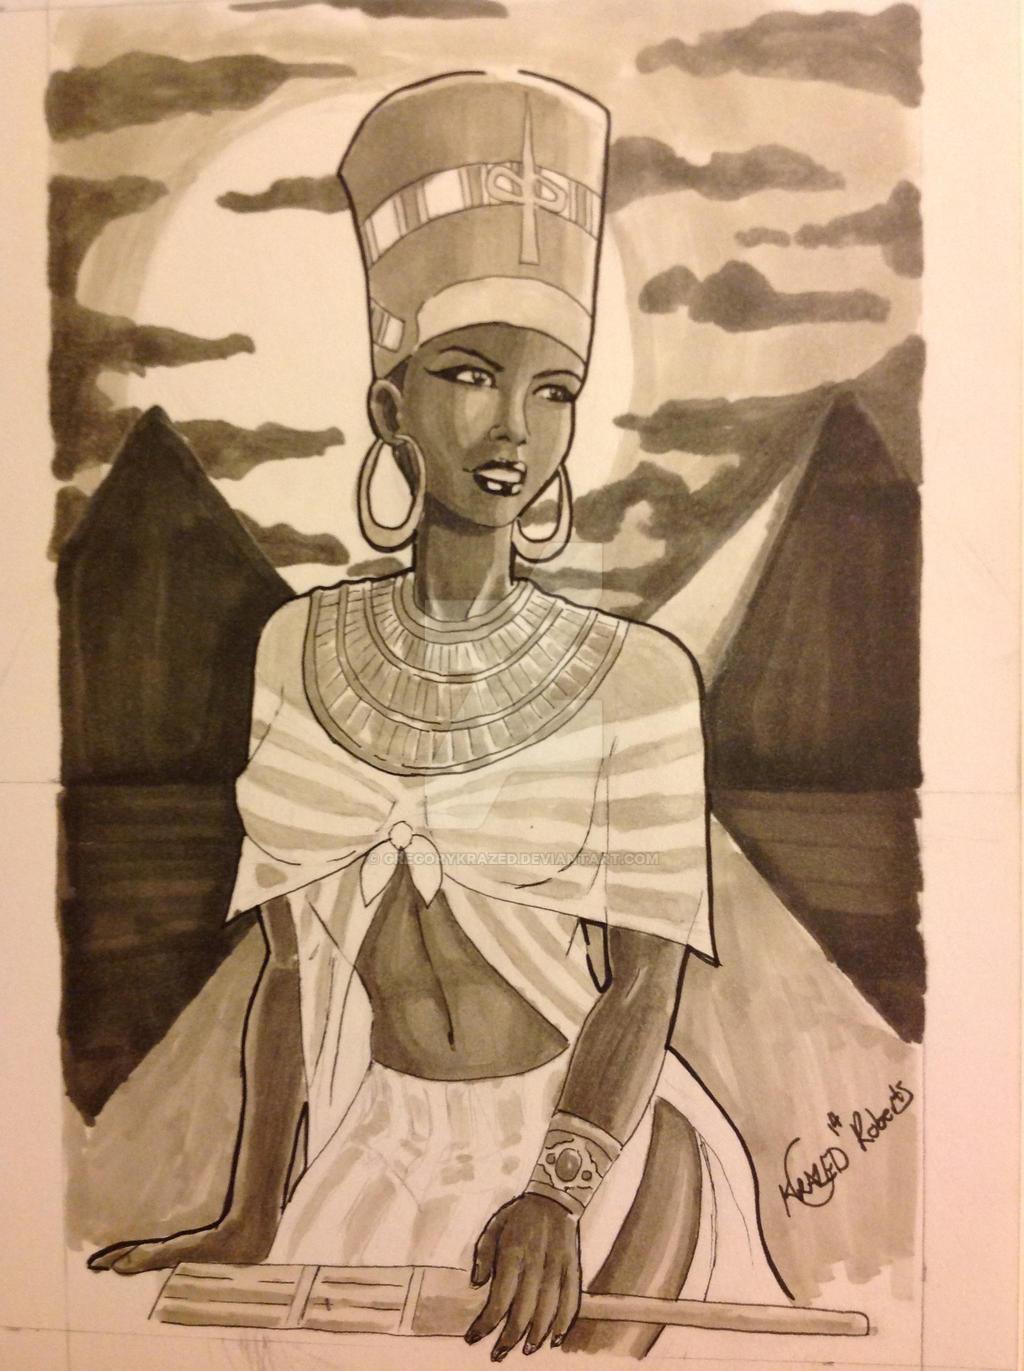 Queen Nefertiti by GregoryKrazed on DeviantArt